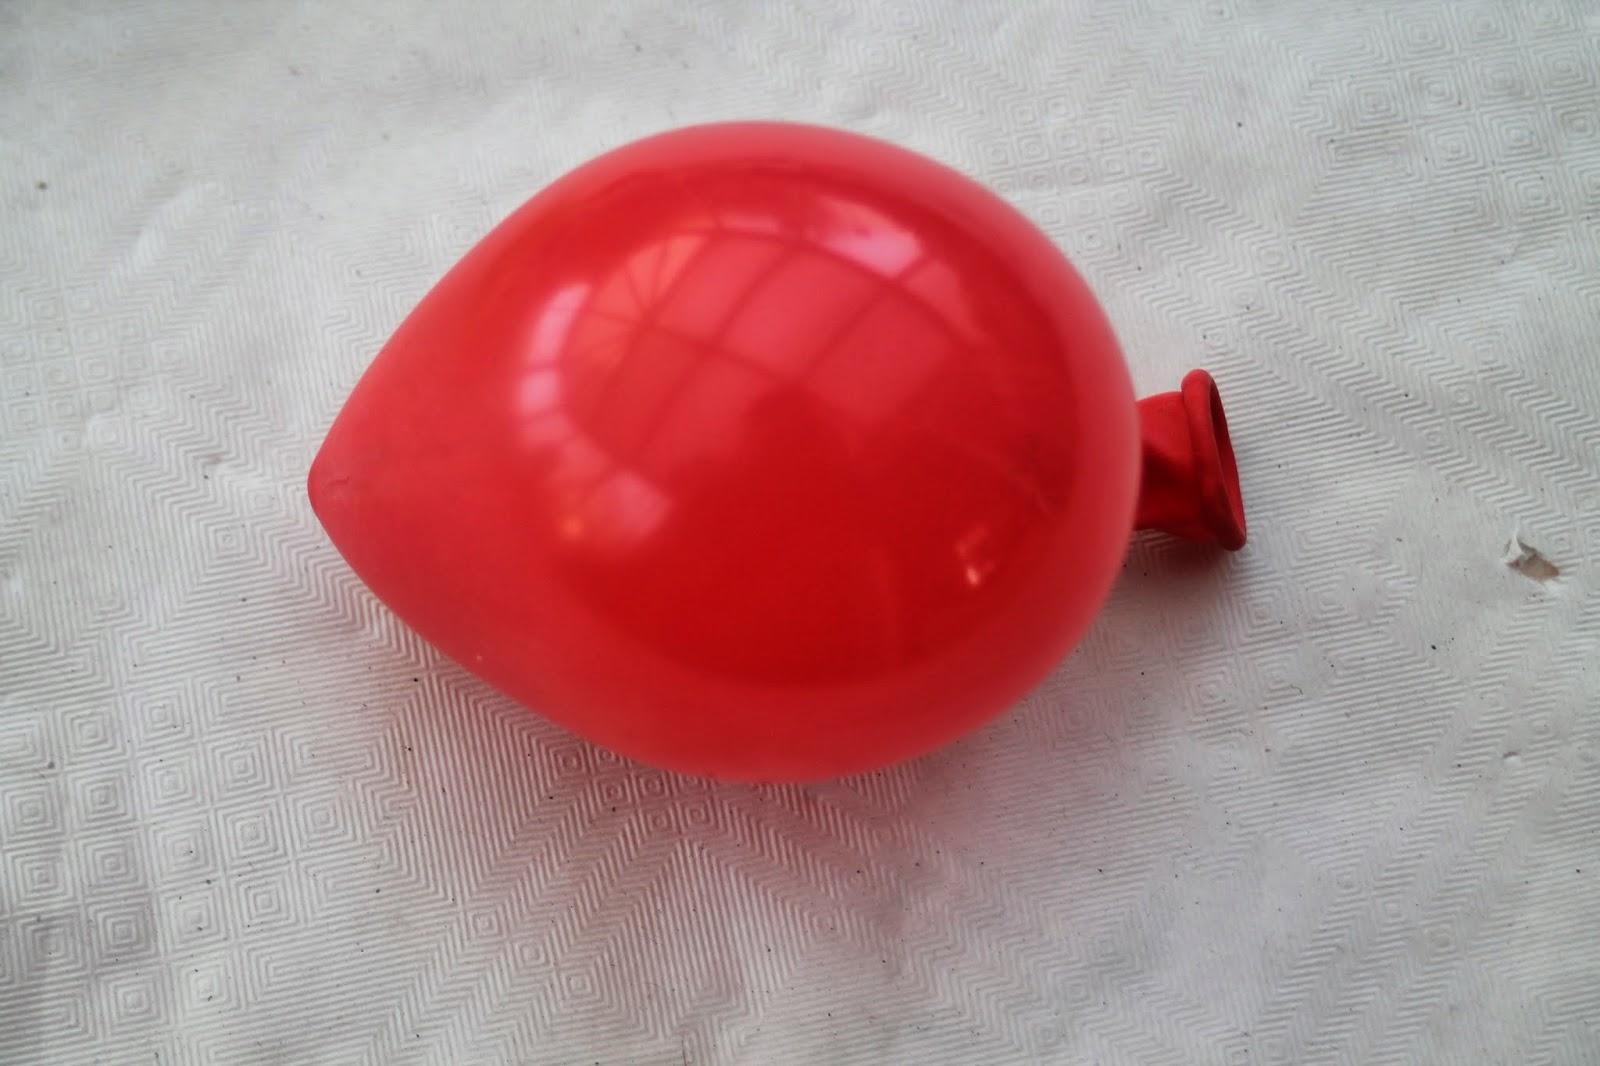 Mati re cr ative comment fabriquer une balle rebondissante avec des ballons de baudruche - Comment degonfler un ballon ...